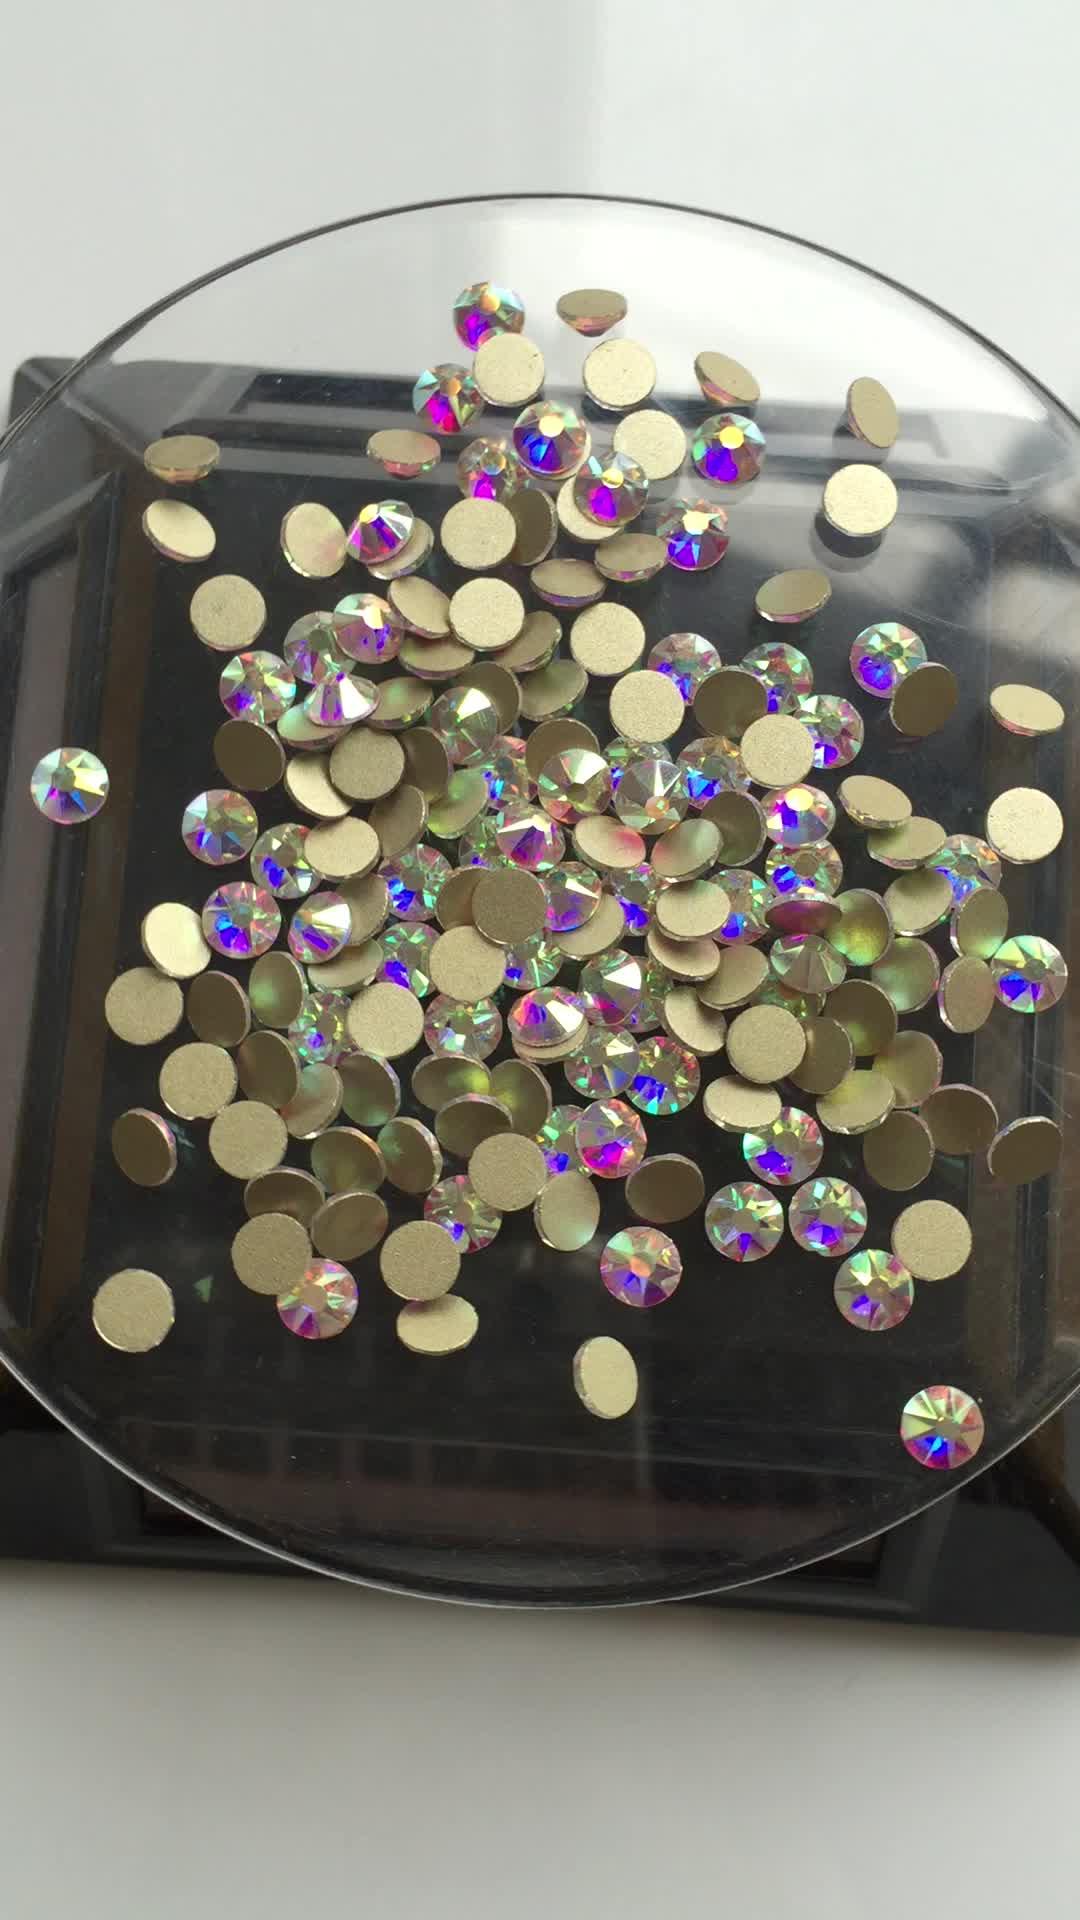 Yeni Tasarım Tırnak kristal 16 yüz kesim 8 büyük + 8 küçük fasets kristal rhinestone boncuk flatback rhinestone